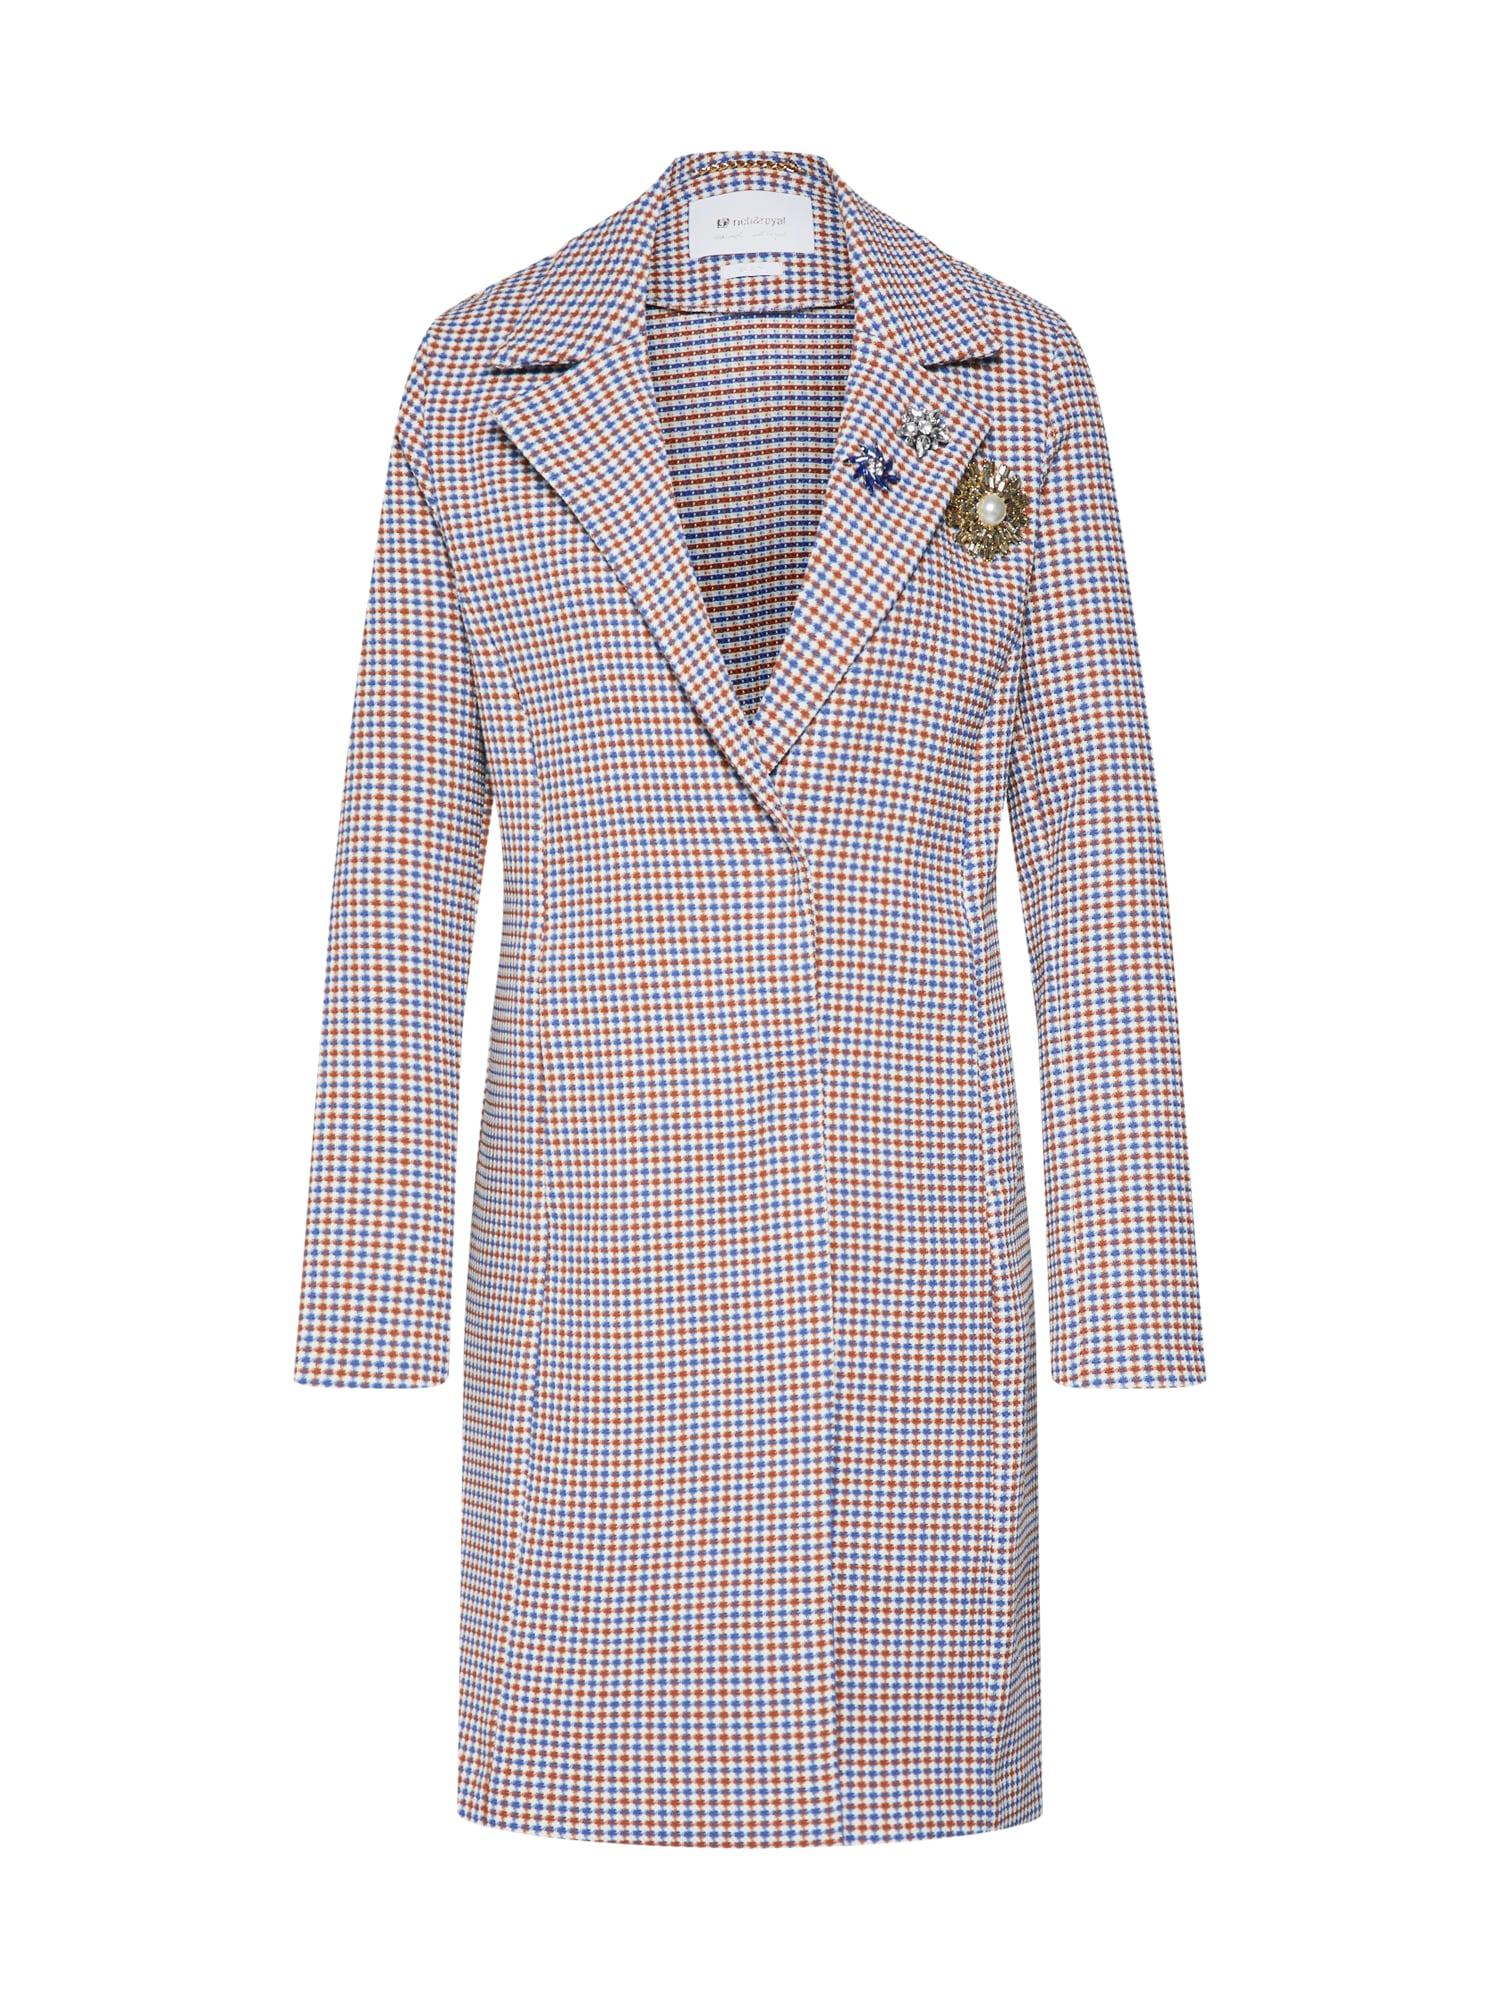 Přechodný kabát mix barev Rich & Royal